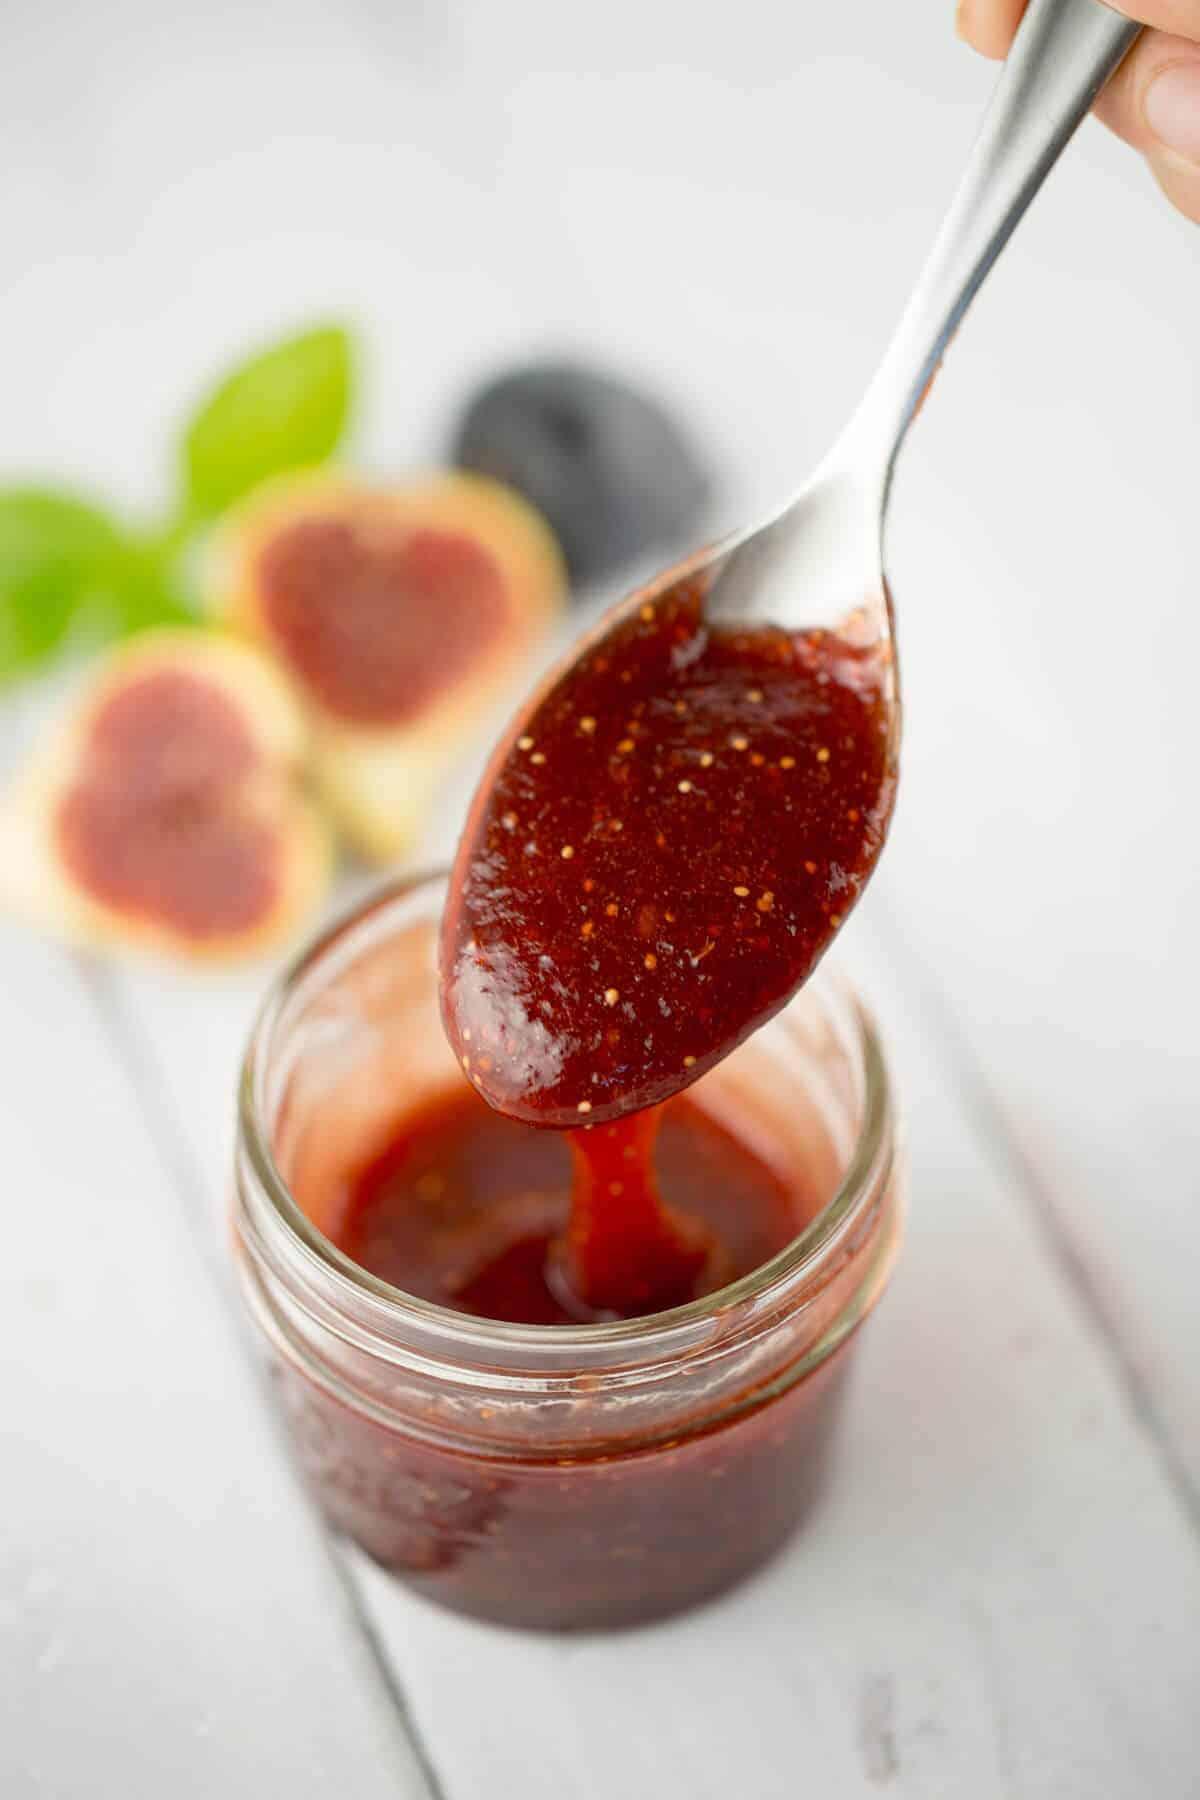 Citrus Polenta Cake with homemade Fig Caramel Sauce | jessicagavin.com